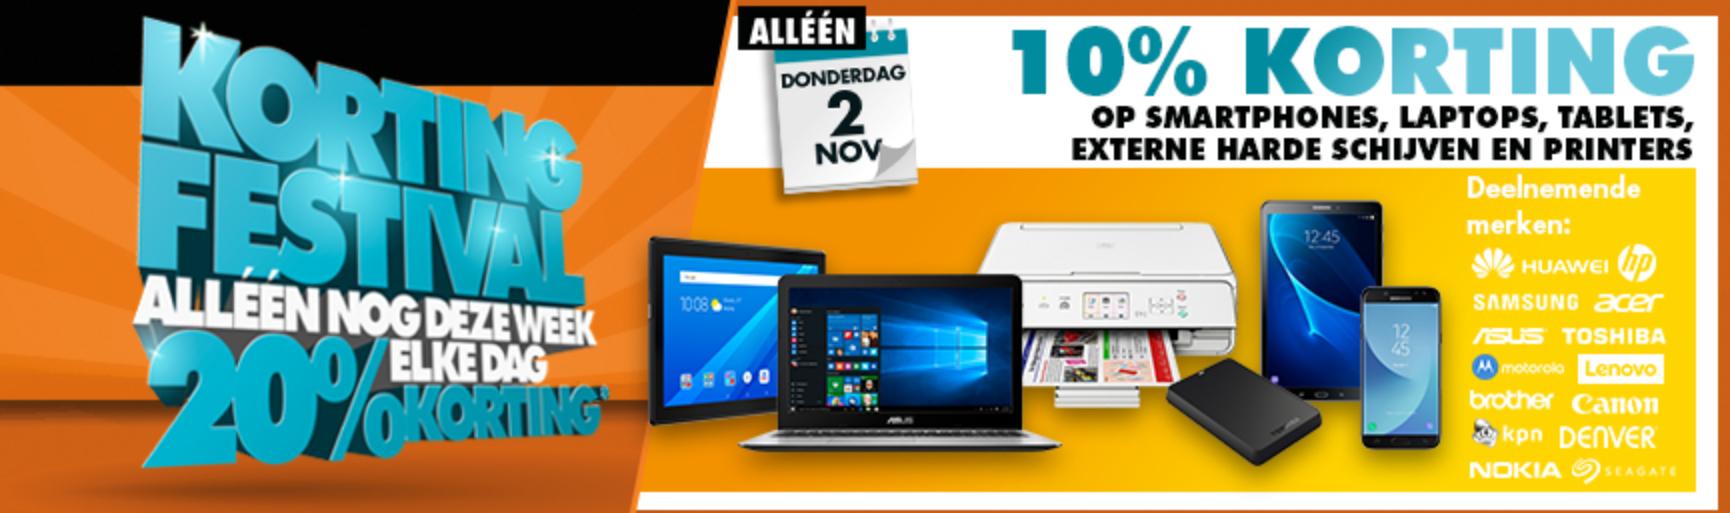 Vandaag 10% korting op smartphones, laptops, tablets, externe harde schijven en printers @ Expert